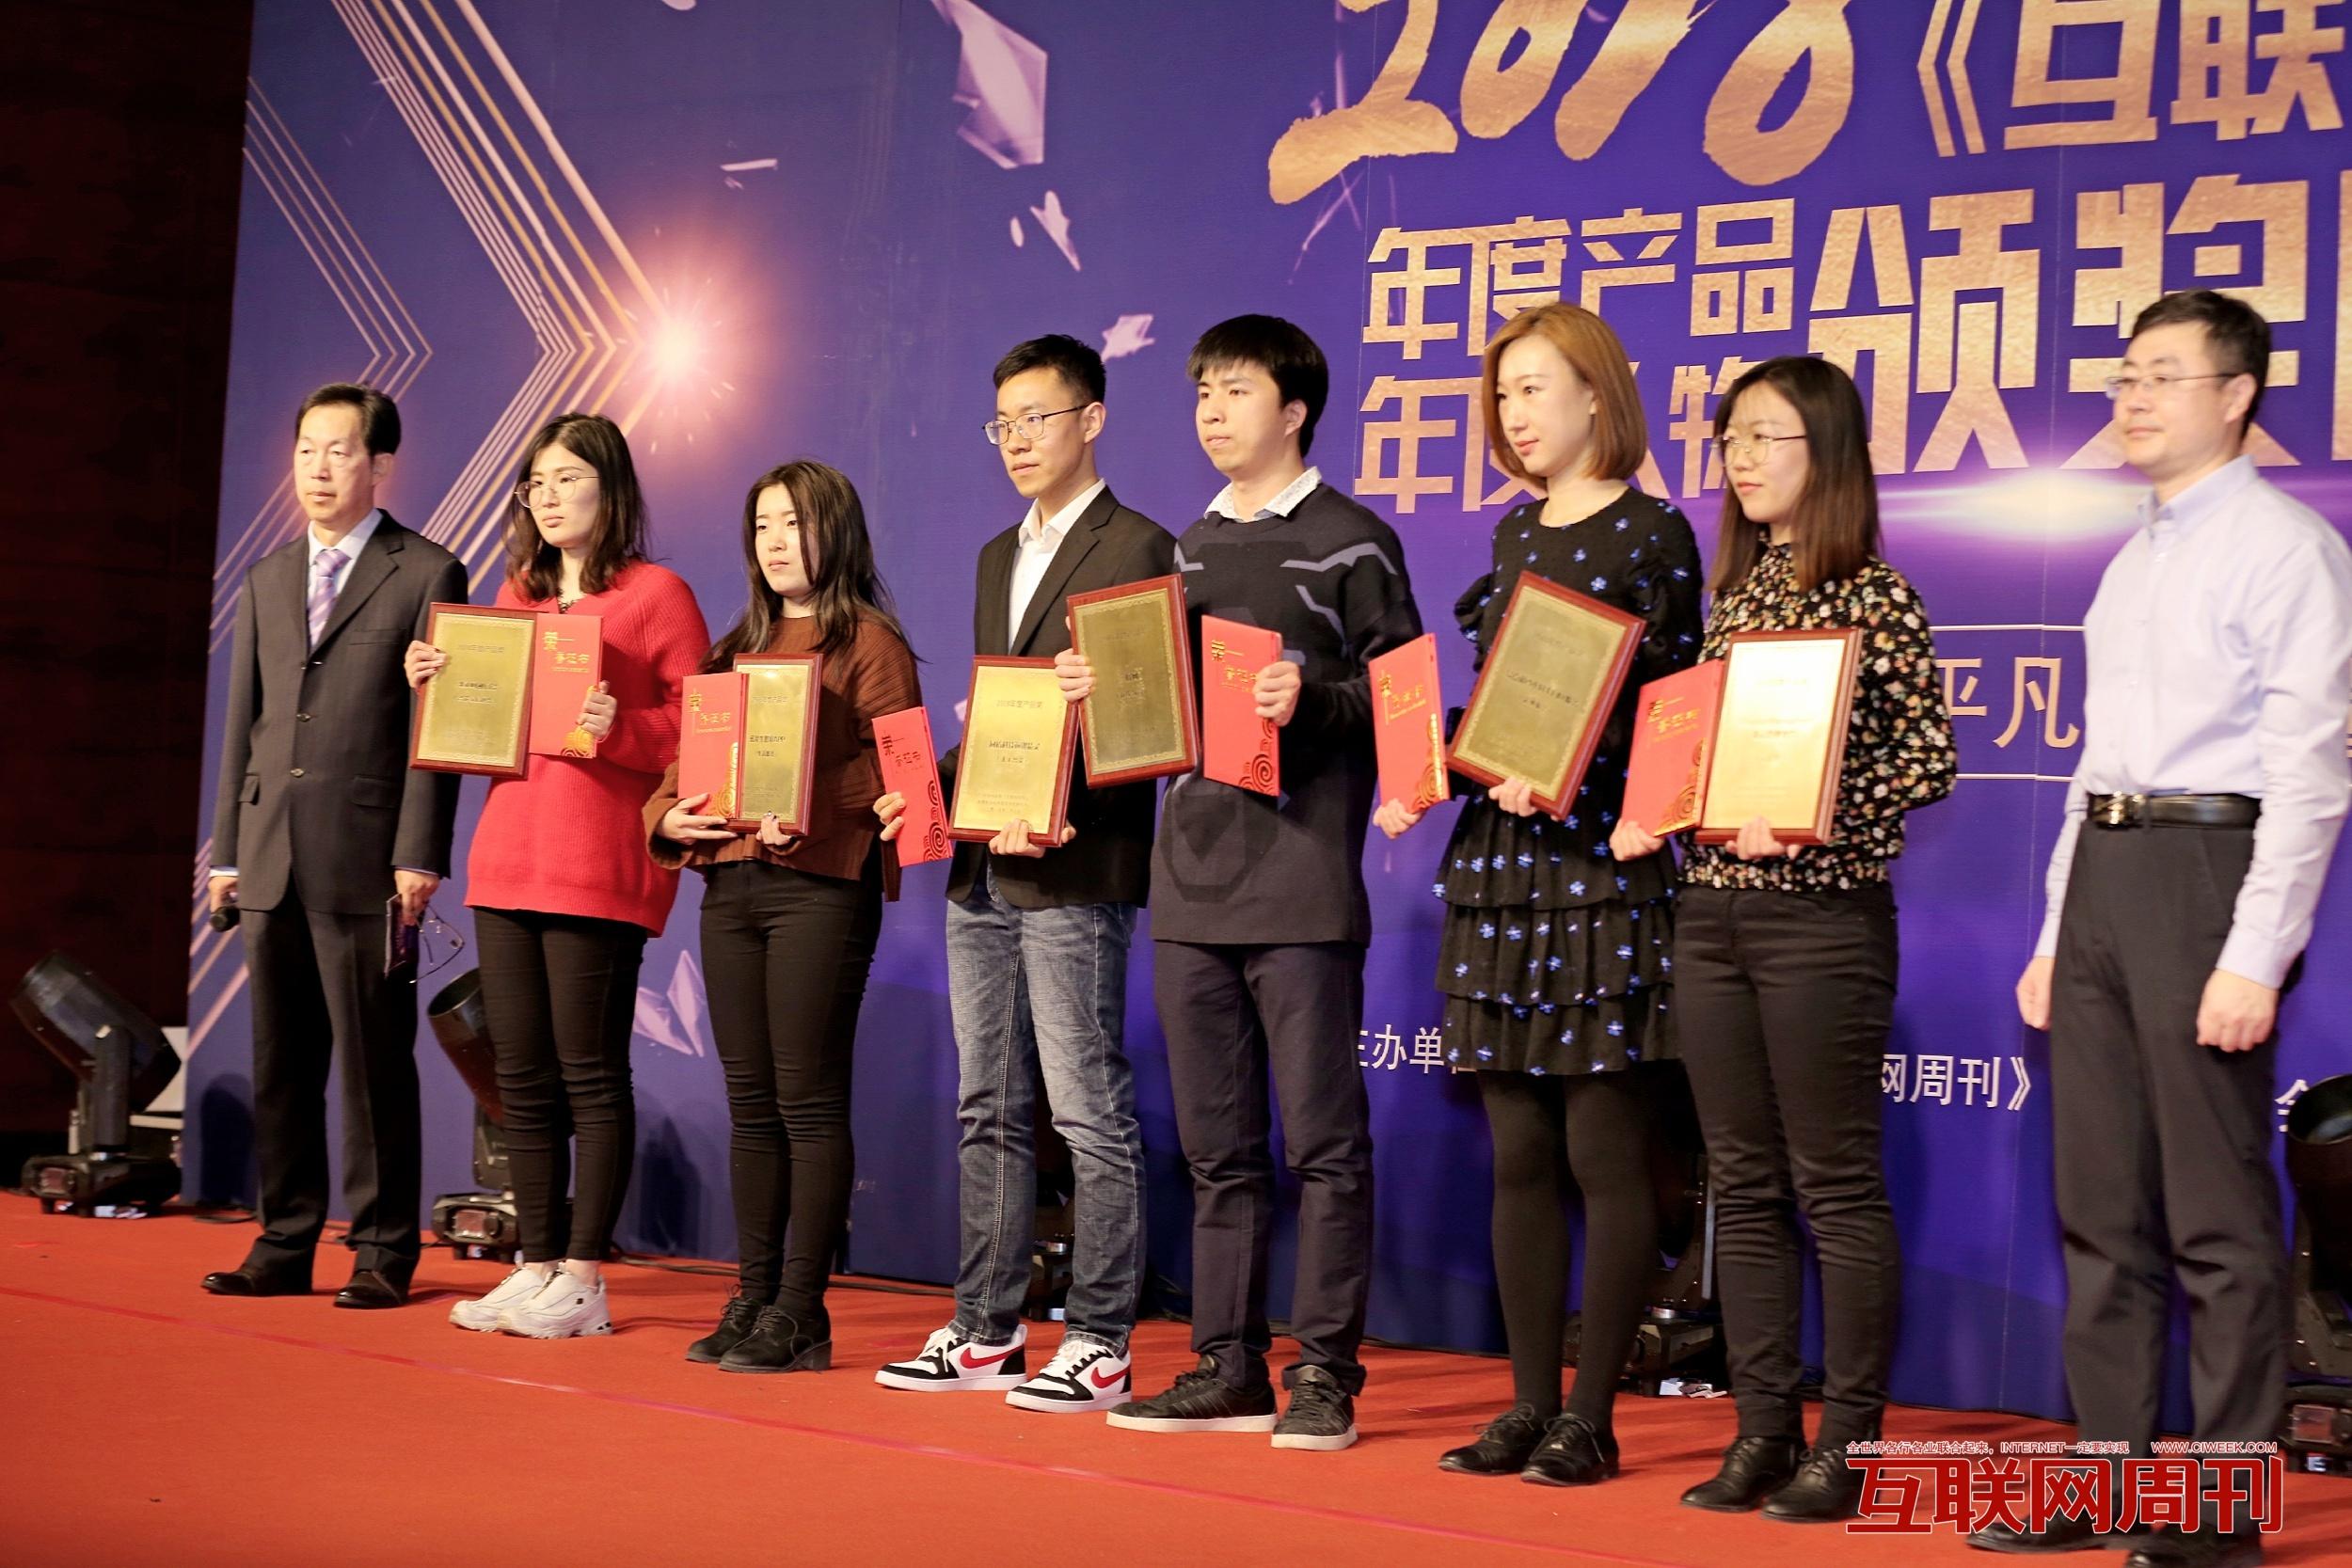 蓝犀牛搬家App荣获生活服务类 2018年《互联网周刊》年度产品奖